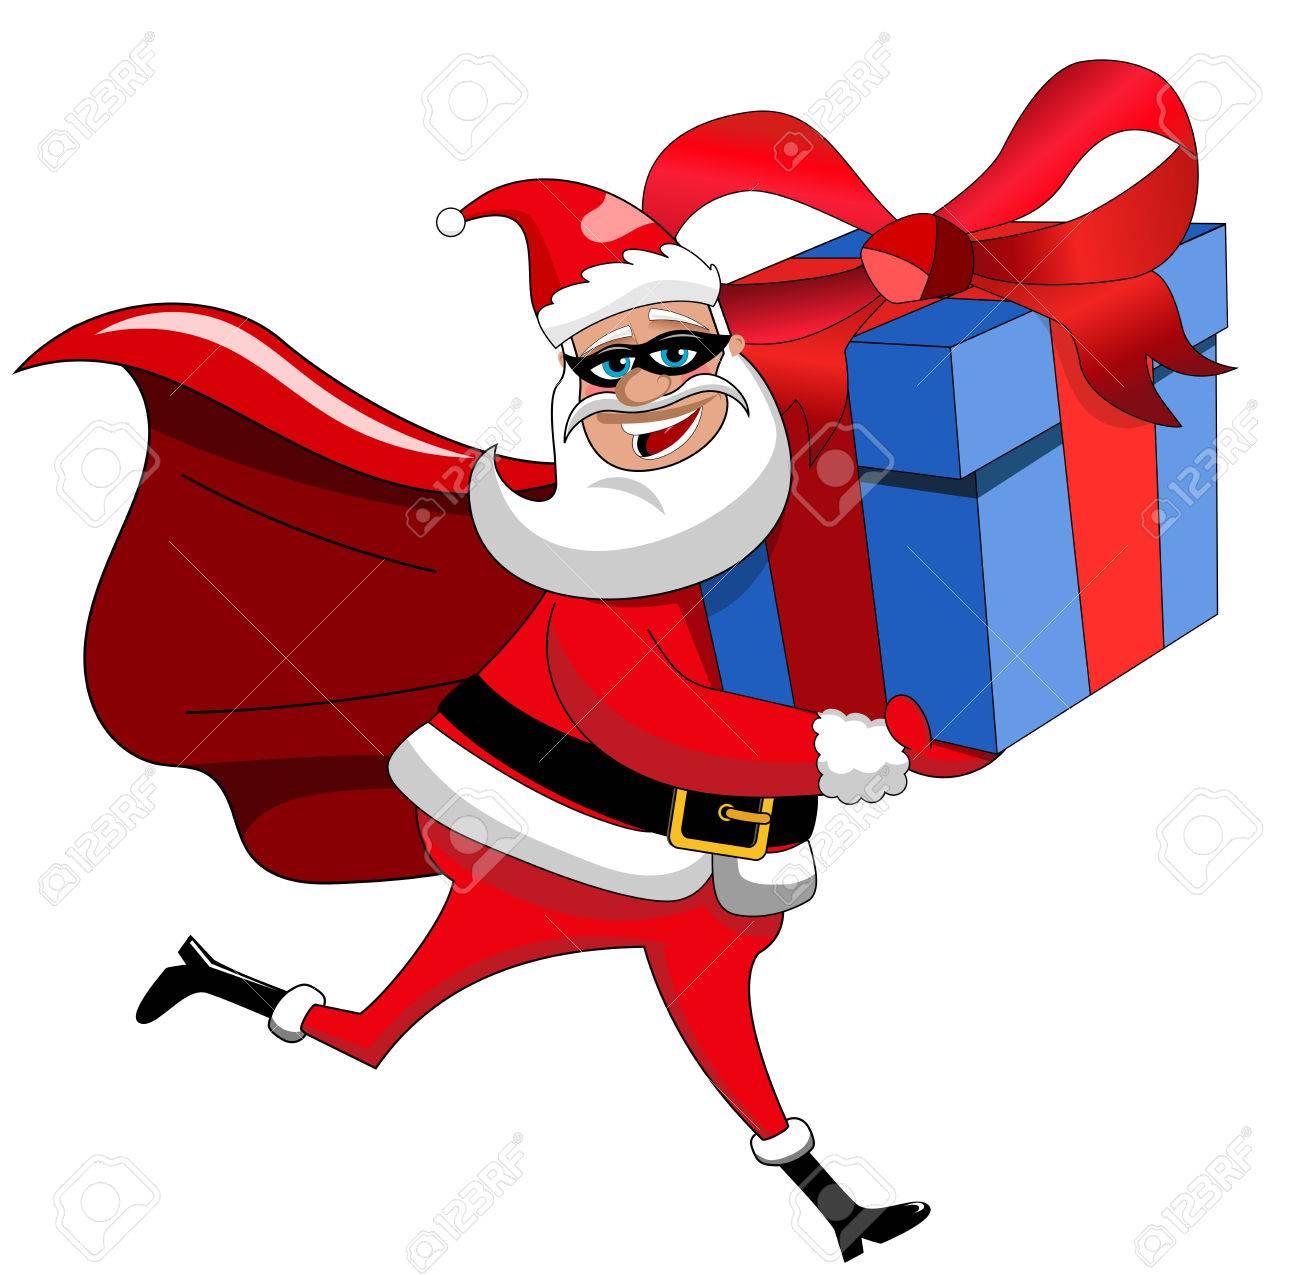 Weihnachtsmann-Superheld Großes Weihnachtsgeschenk Liefern Isoliert ...